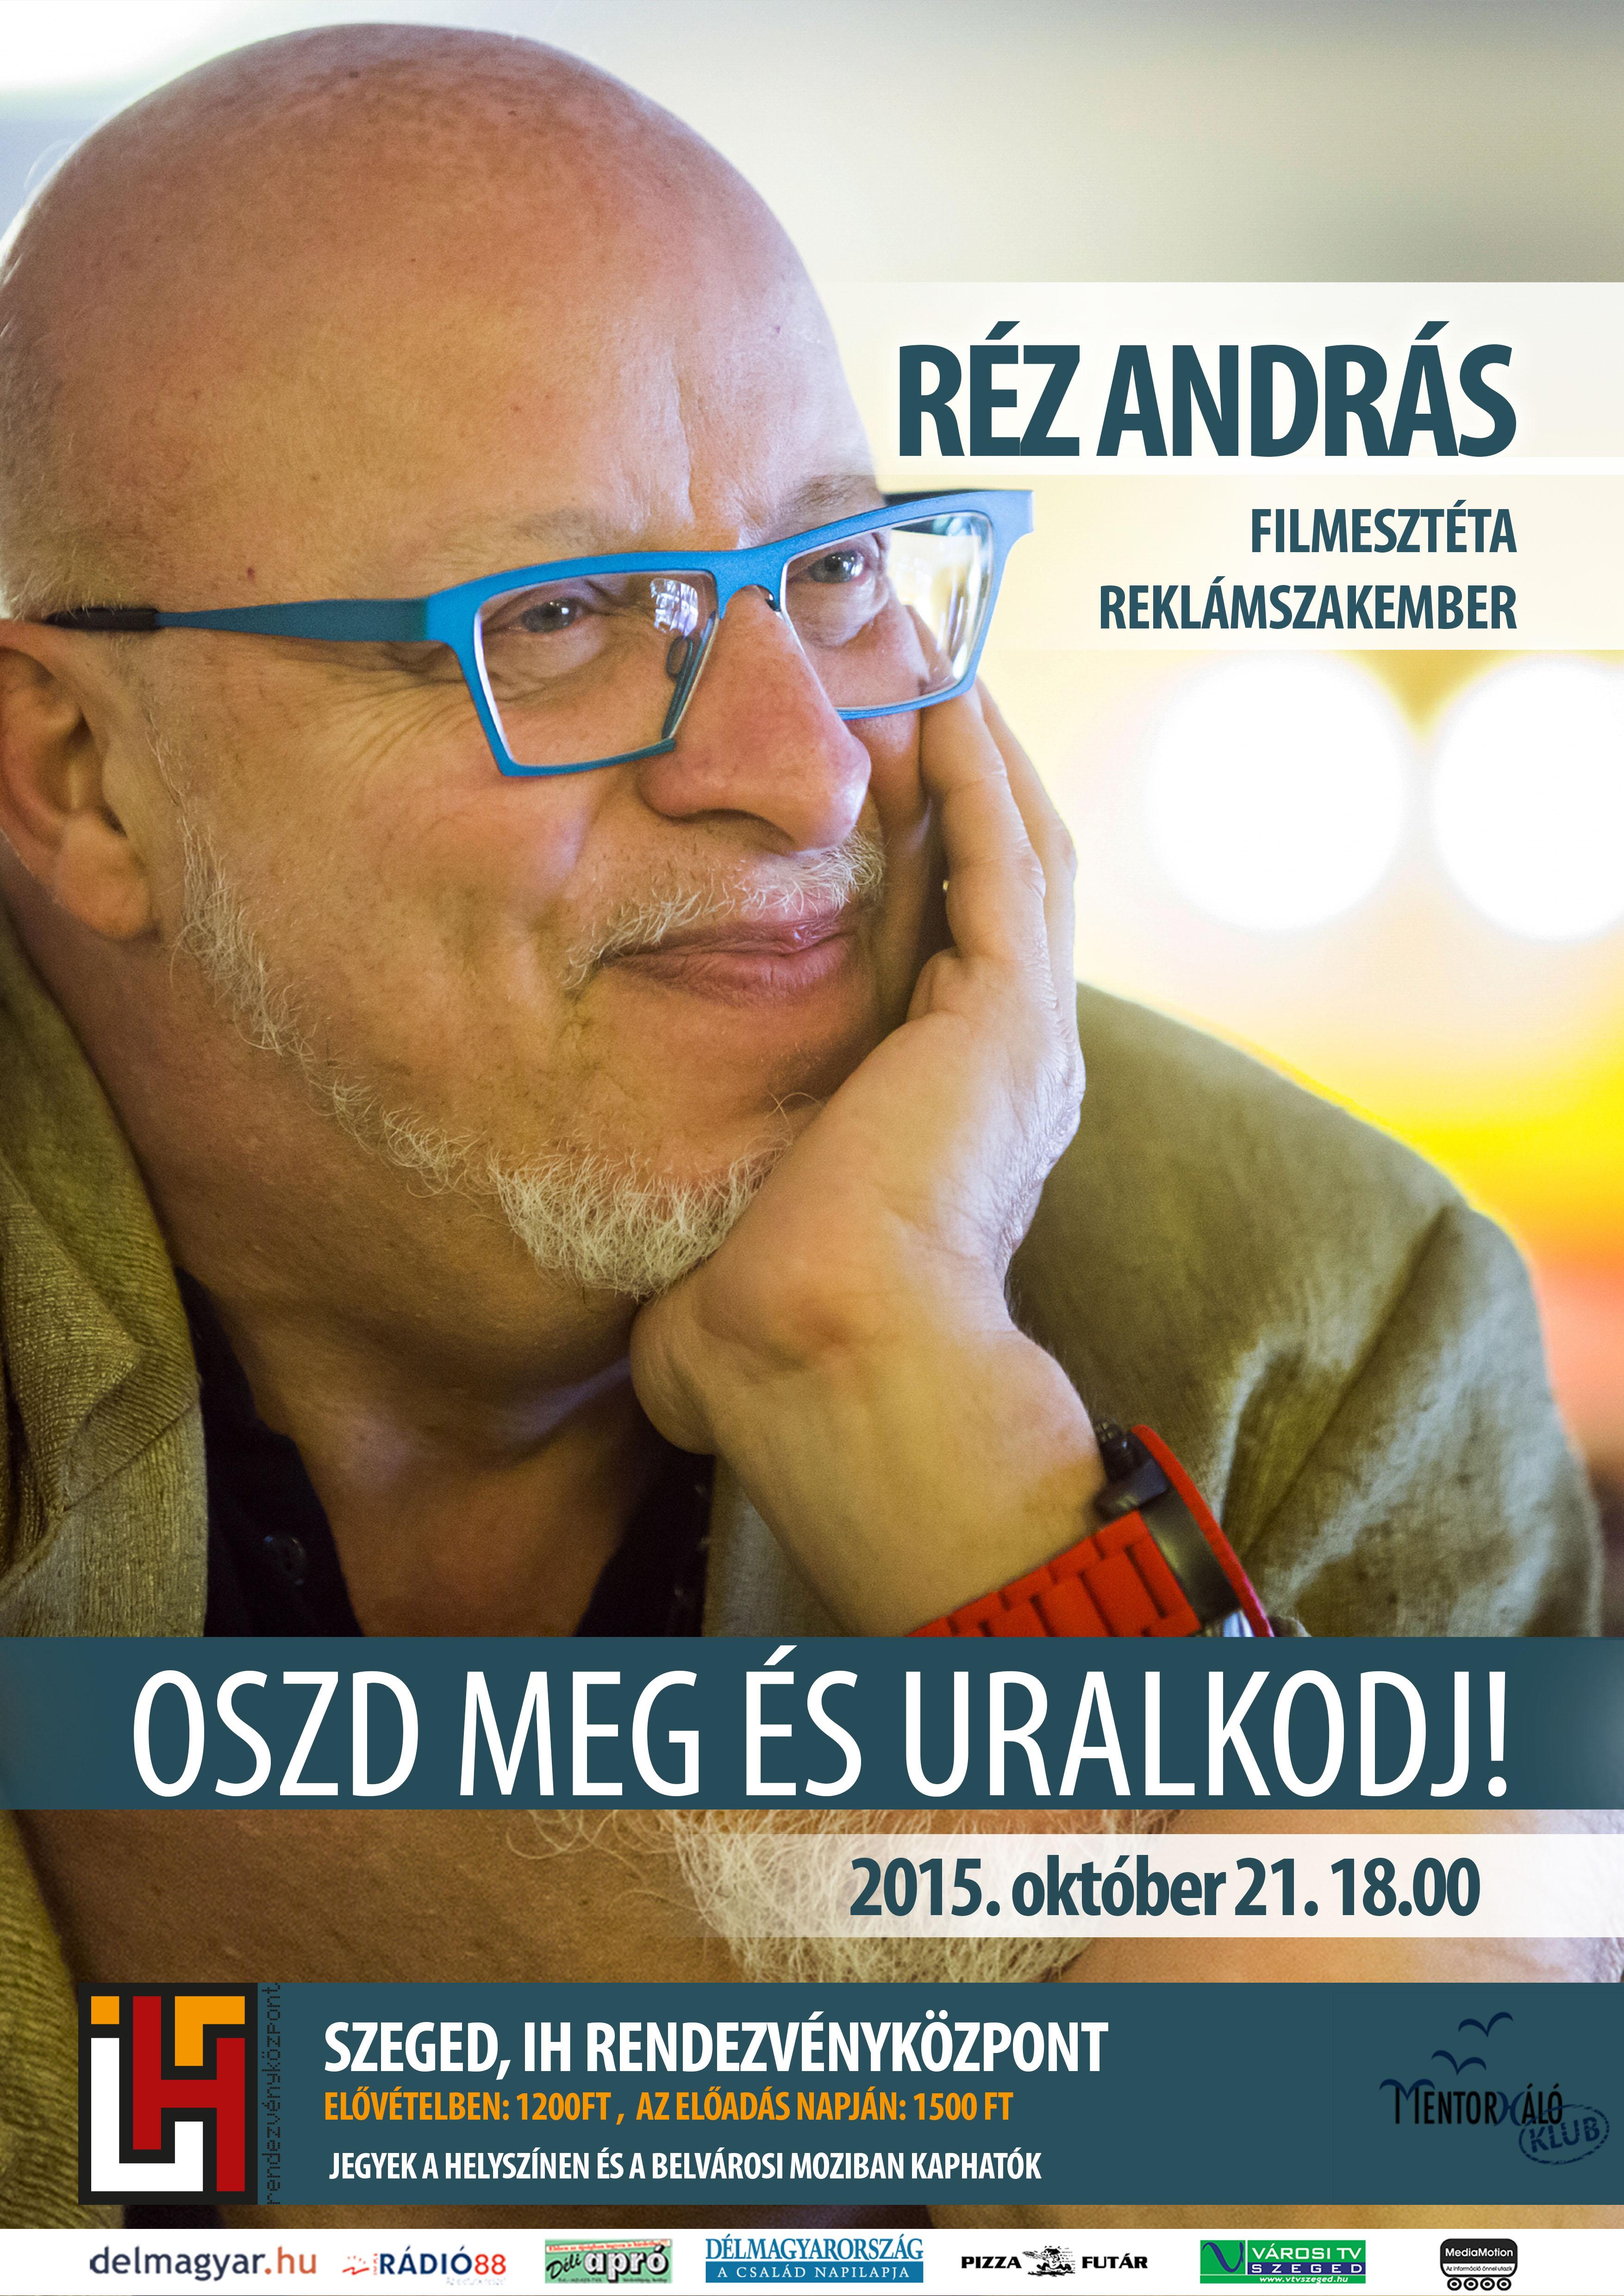 Réz András plakát